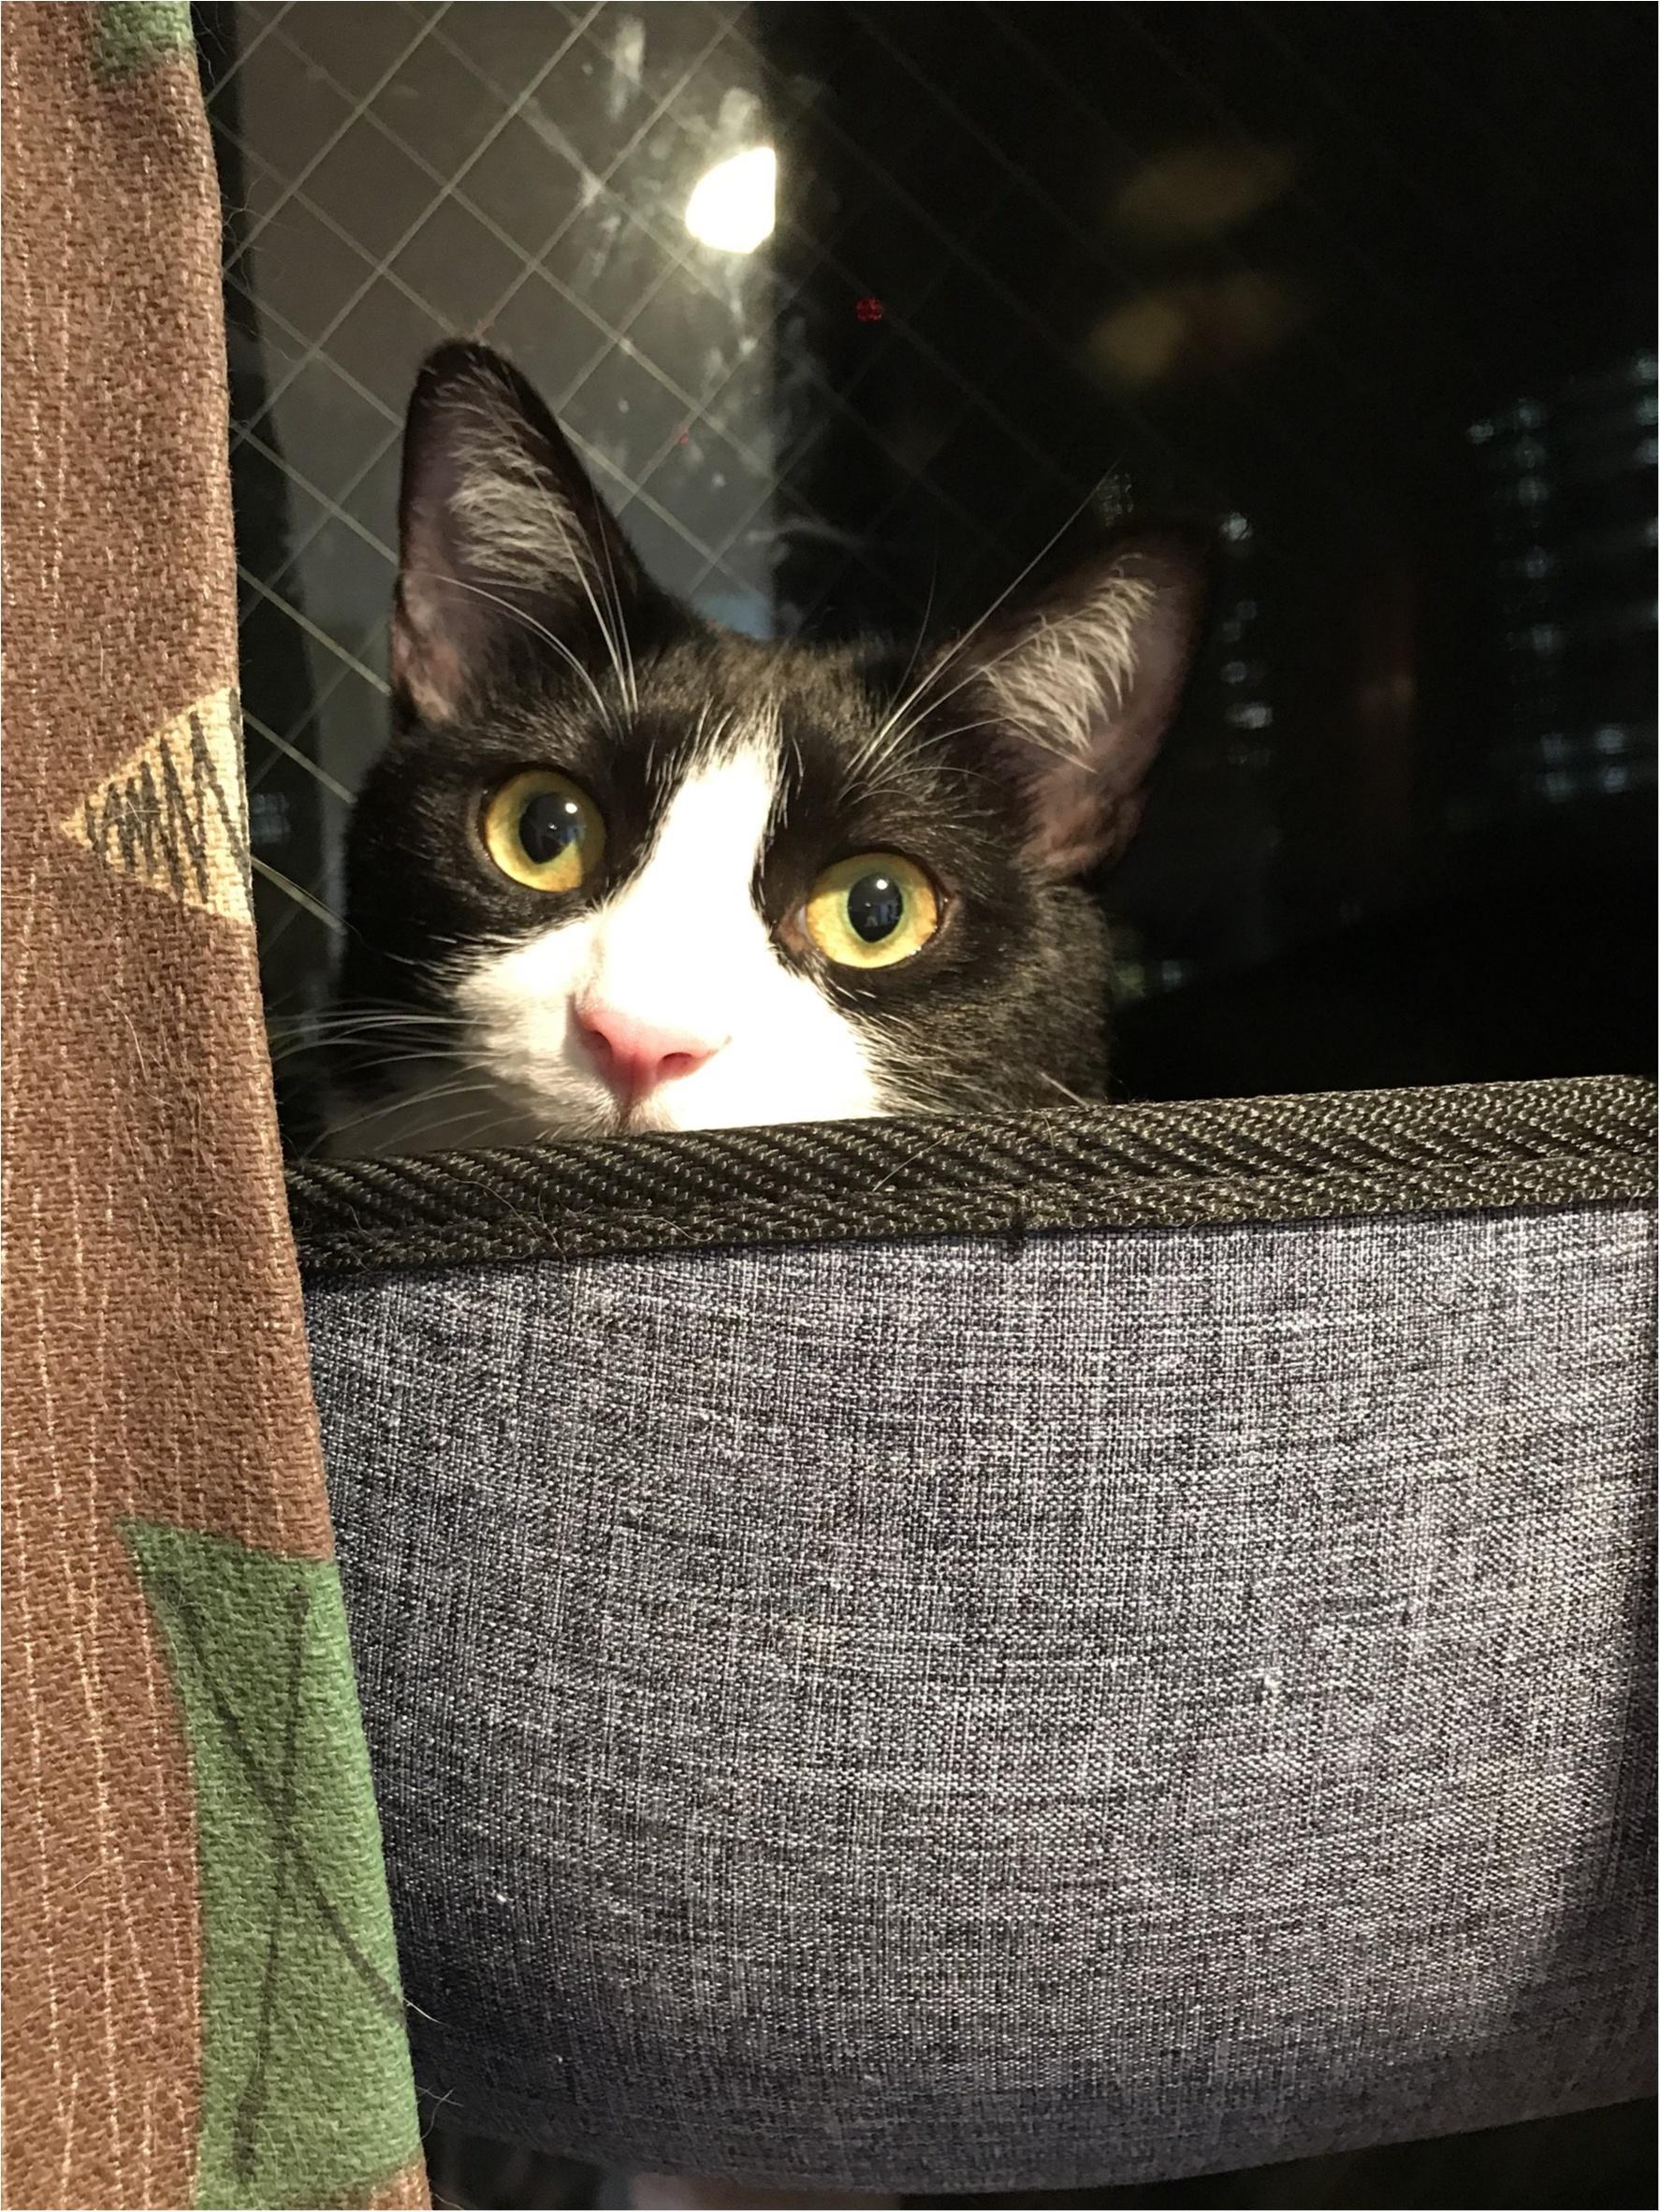 【今日のにゃんこ】発見! 窓辺の箱に入っていたルウくん_1